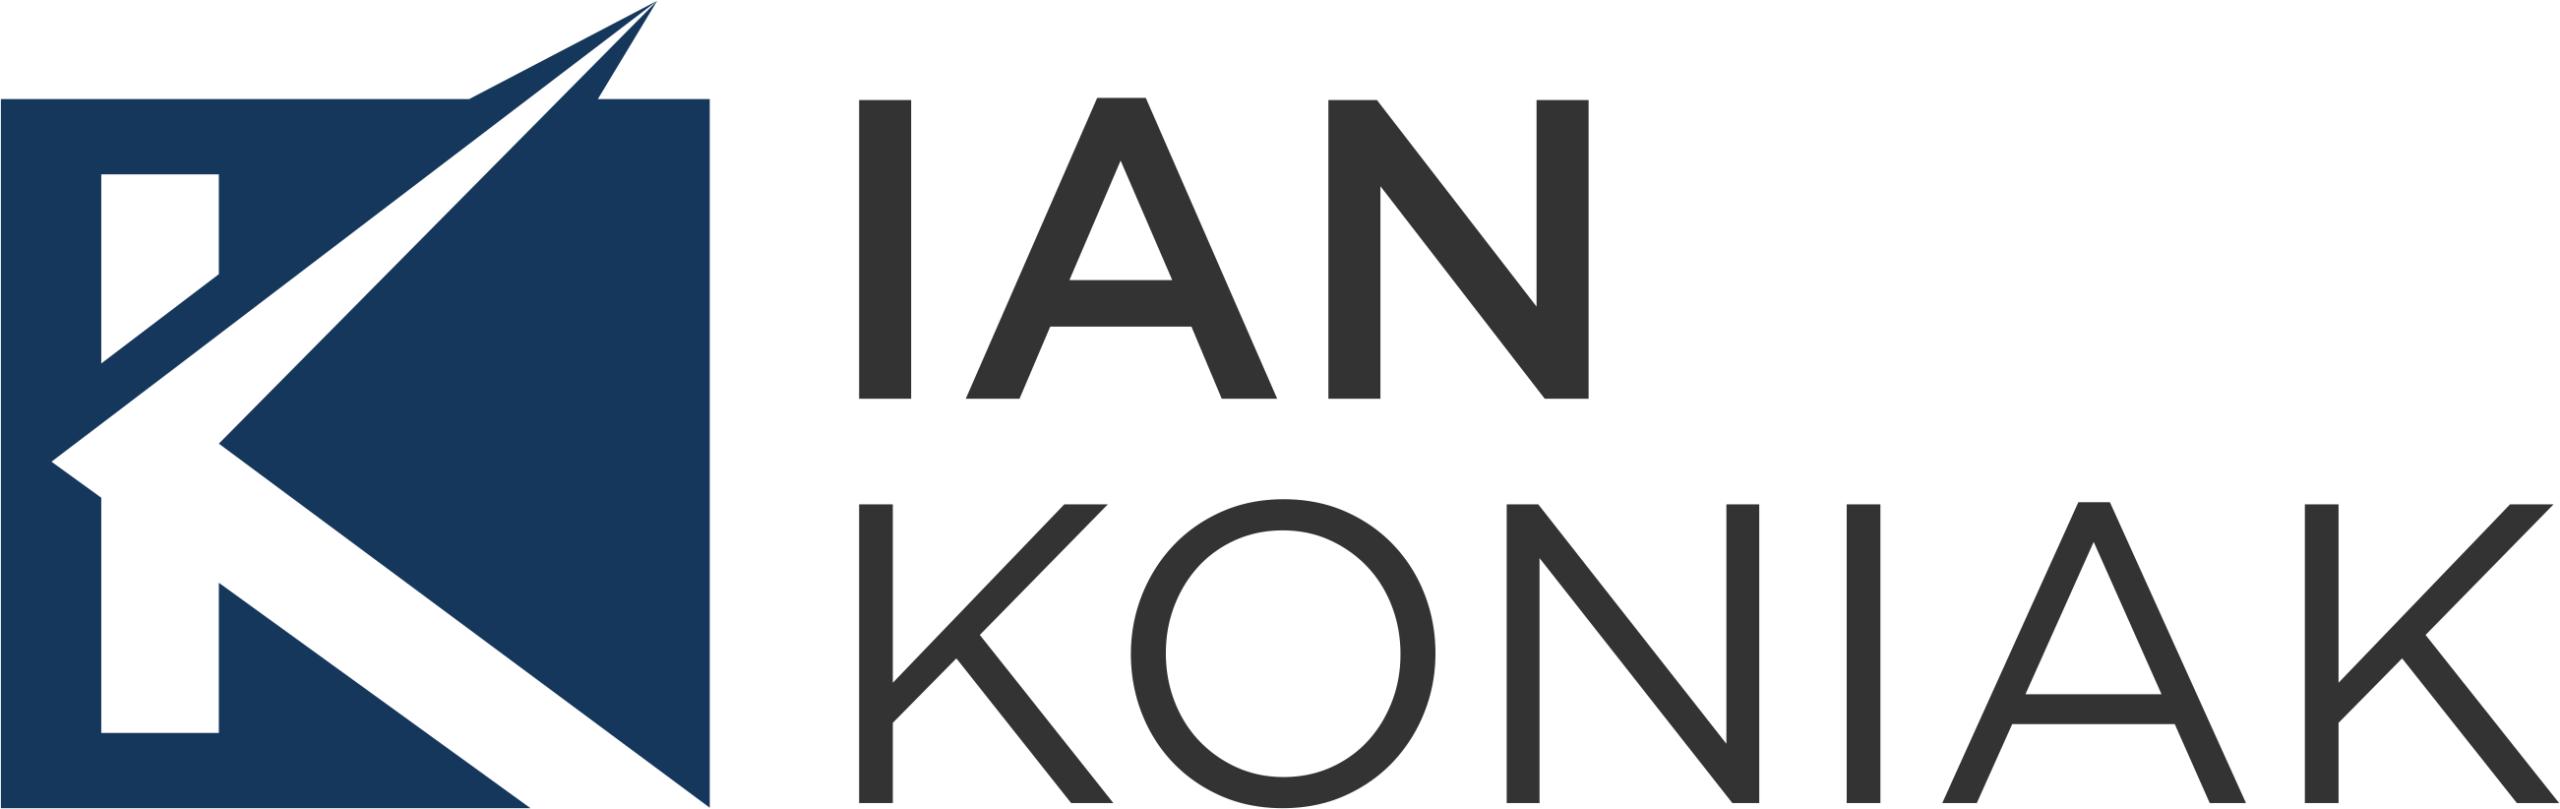 Ian Koniak Logo